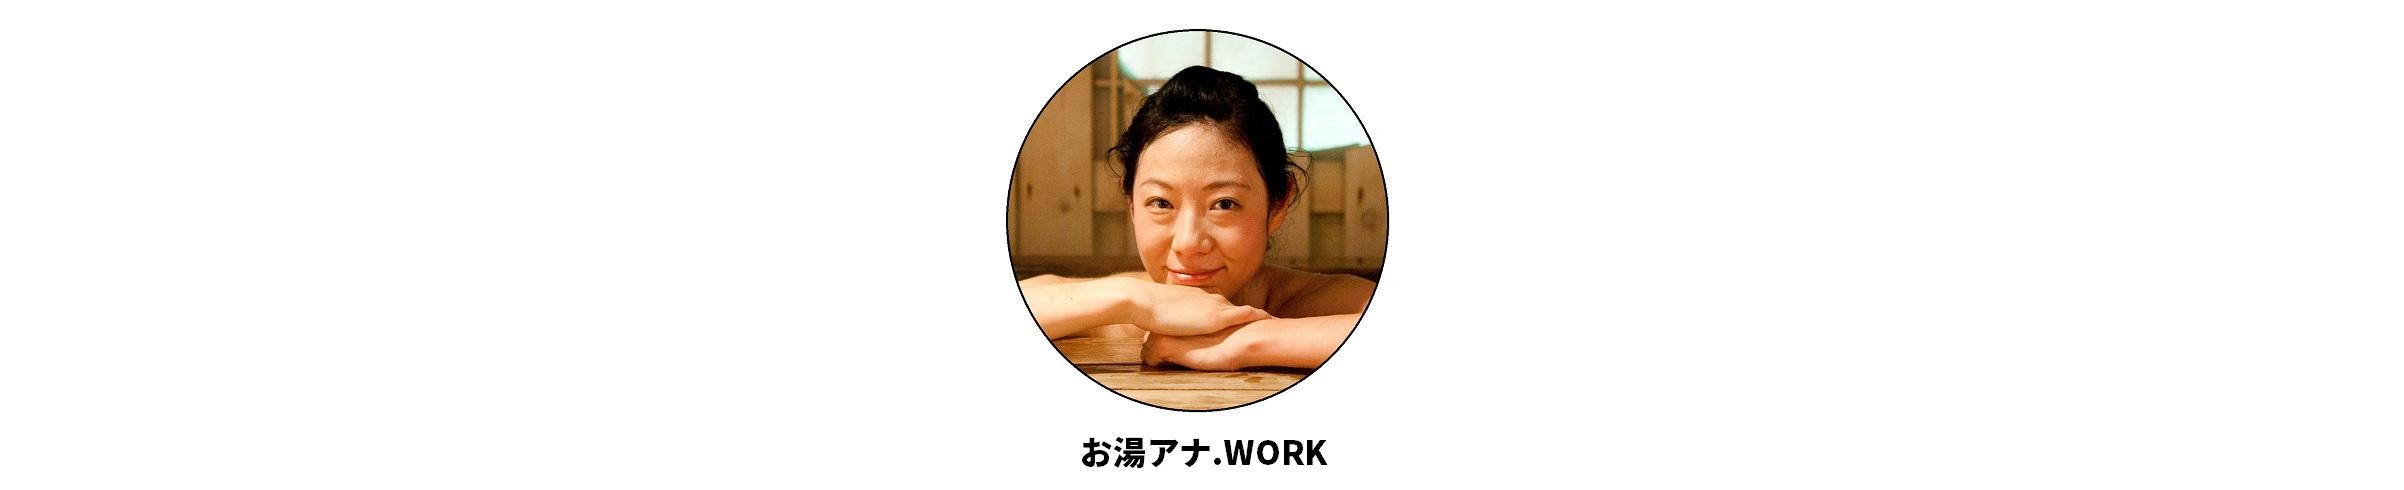 お湯アナ.WORK